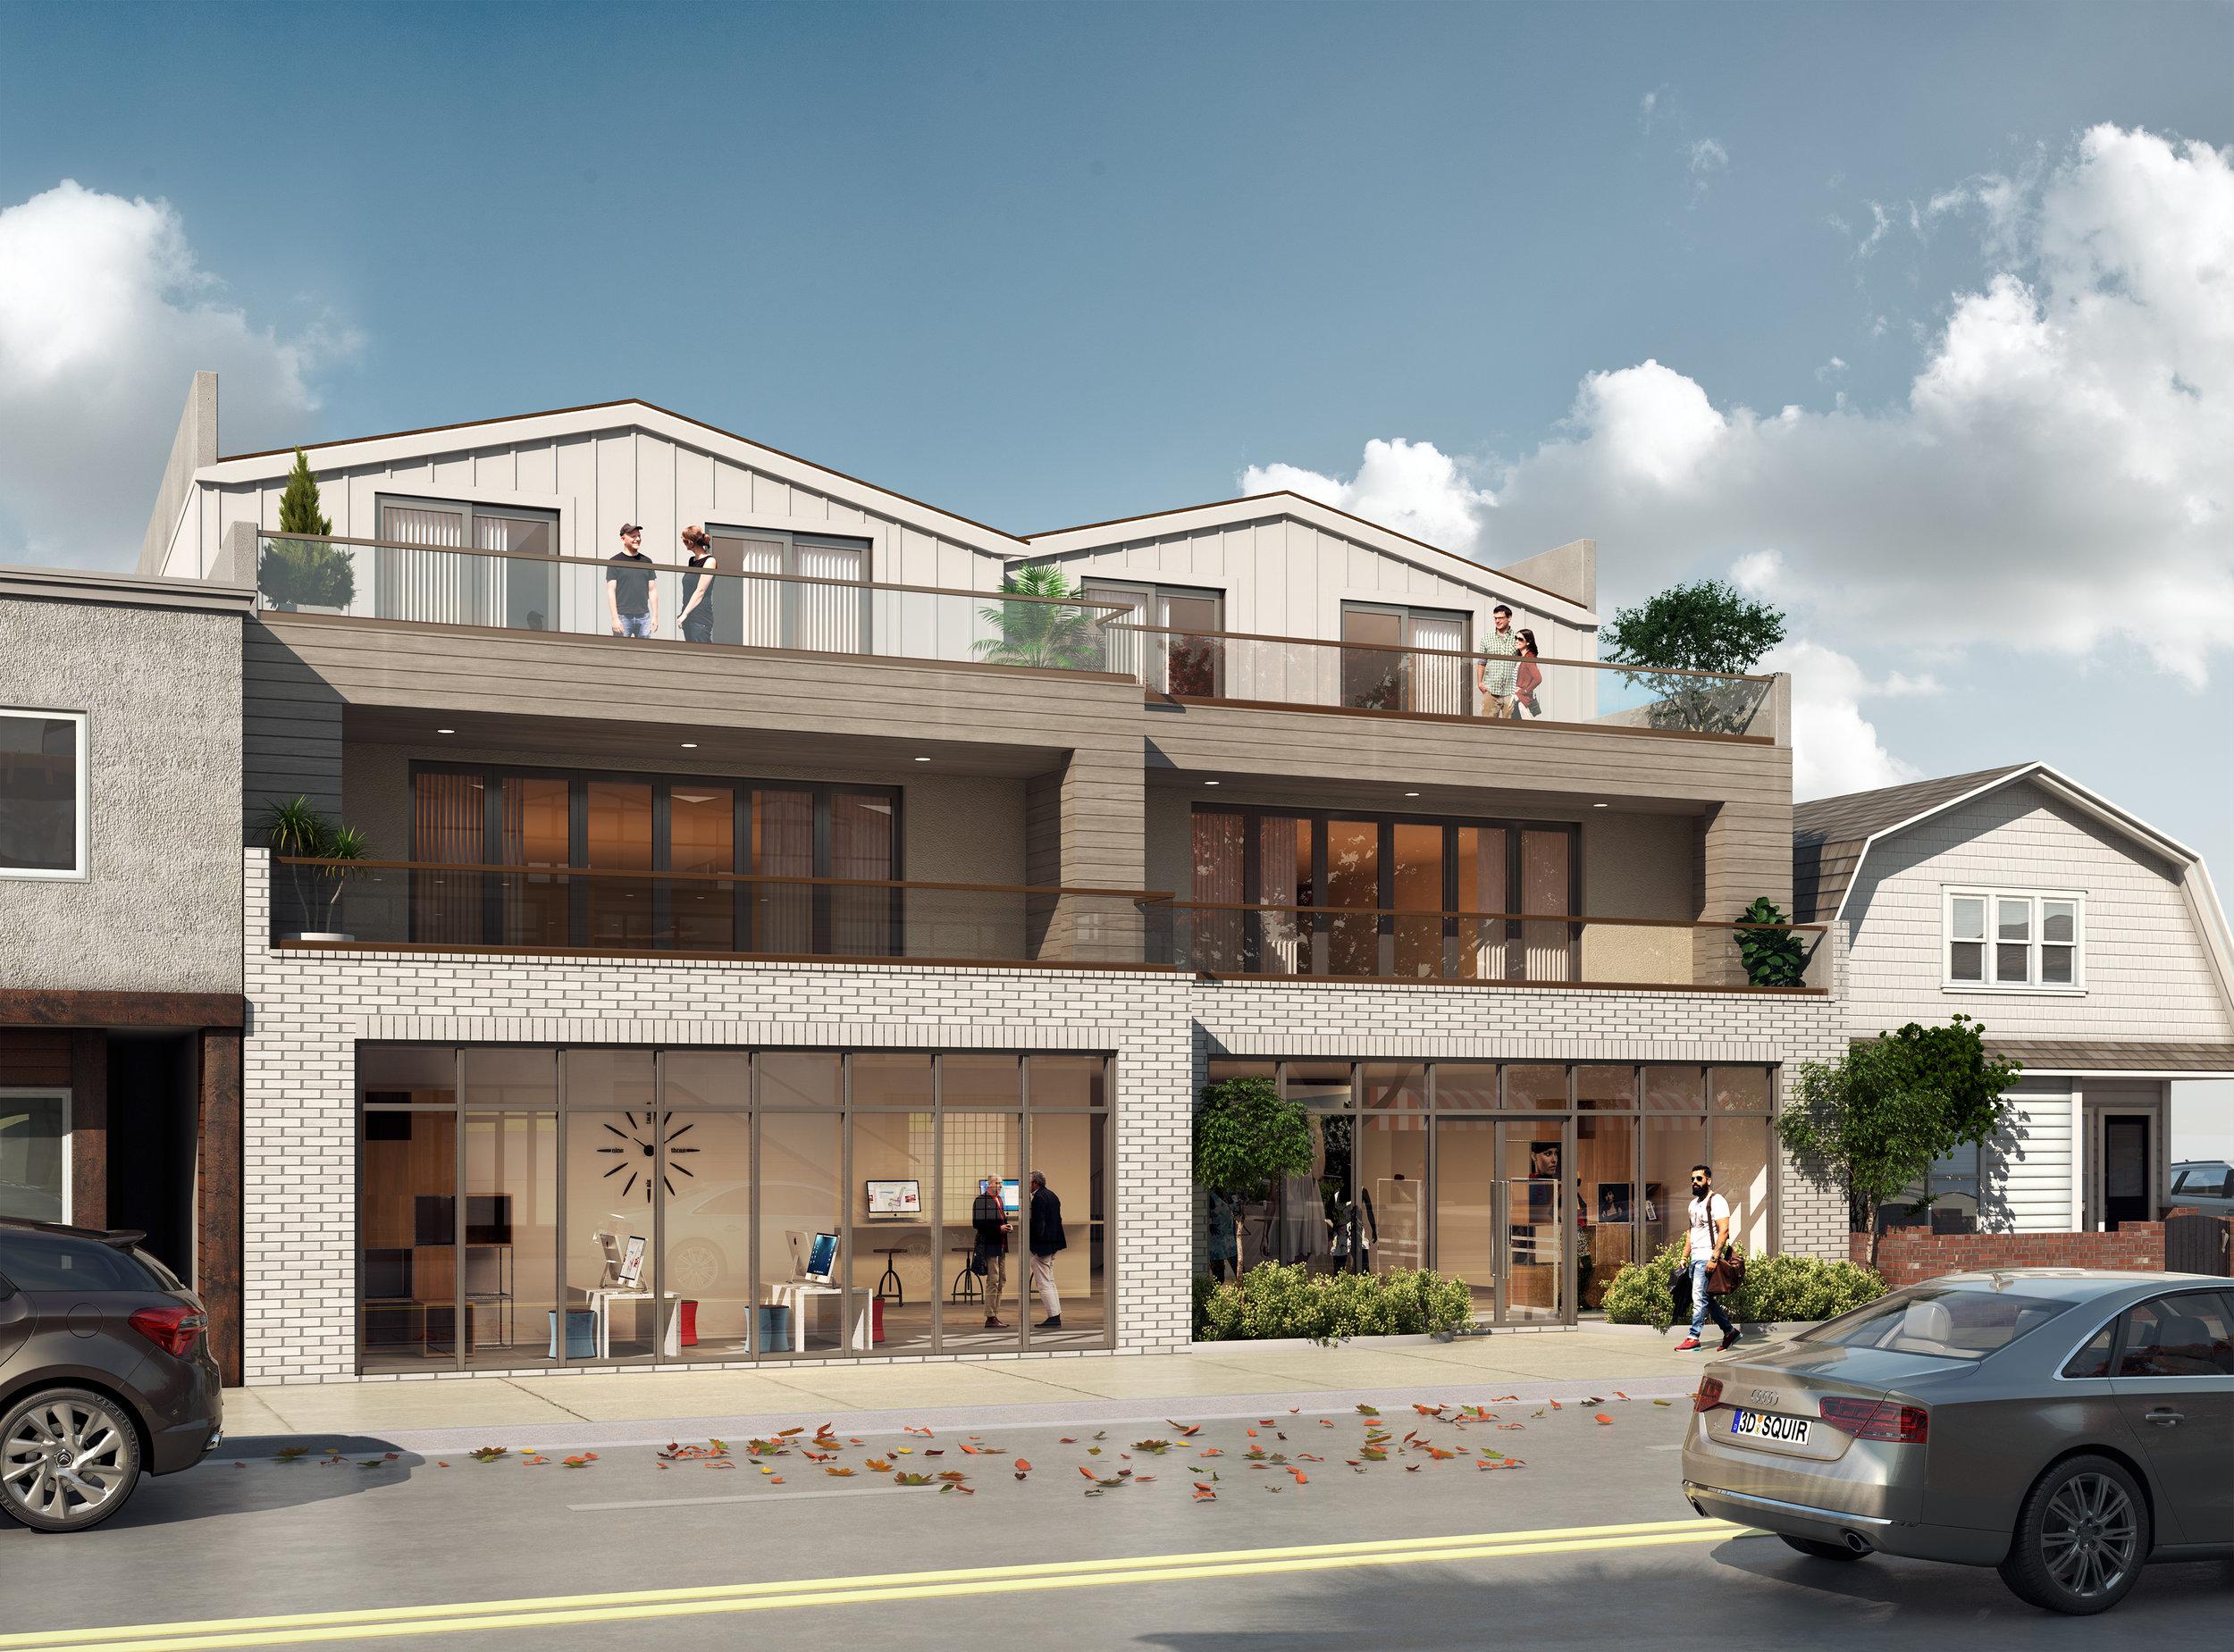 Newport Beach - Mixed Use Development 2